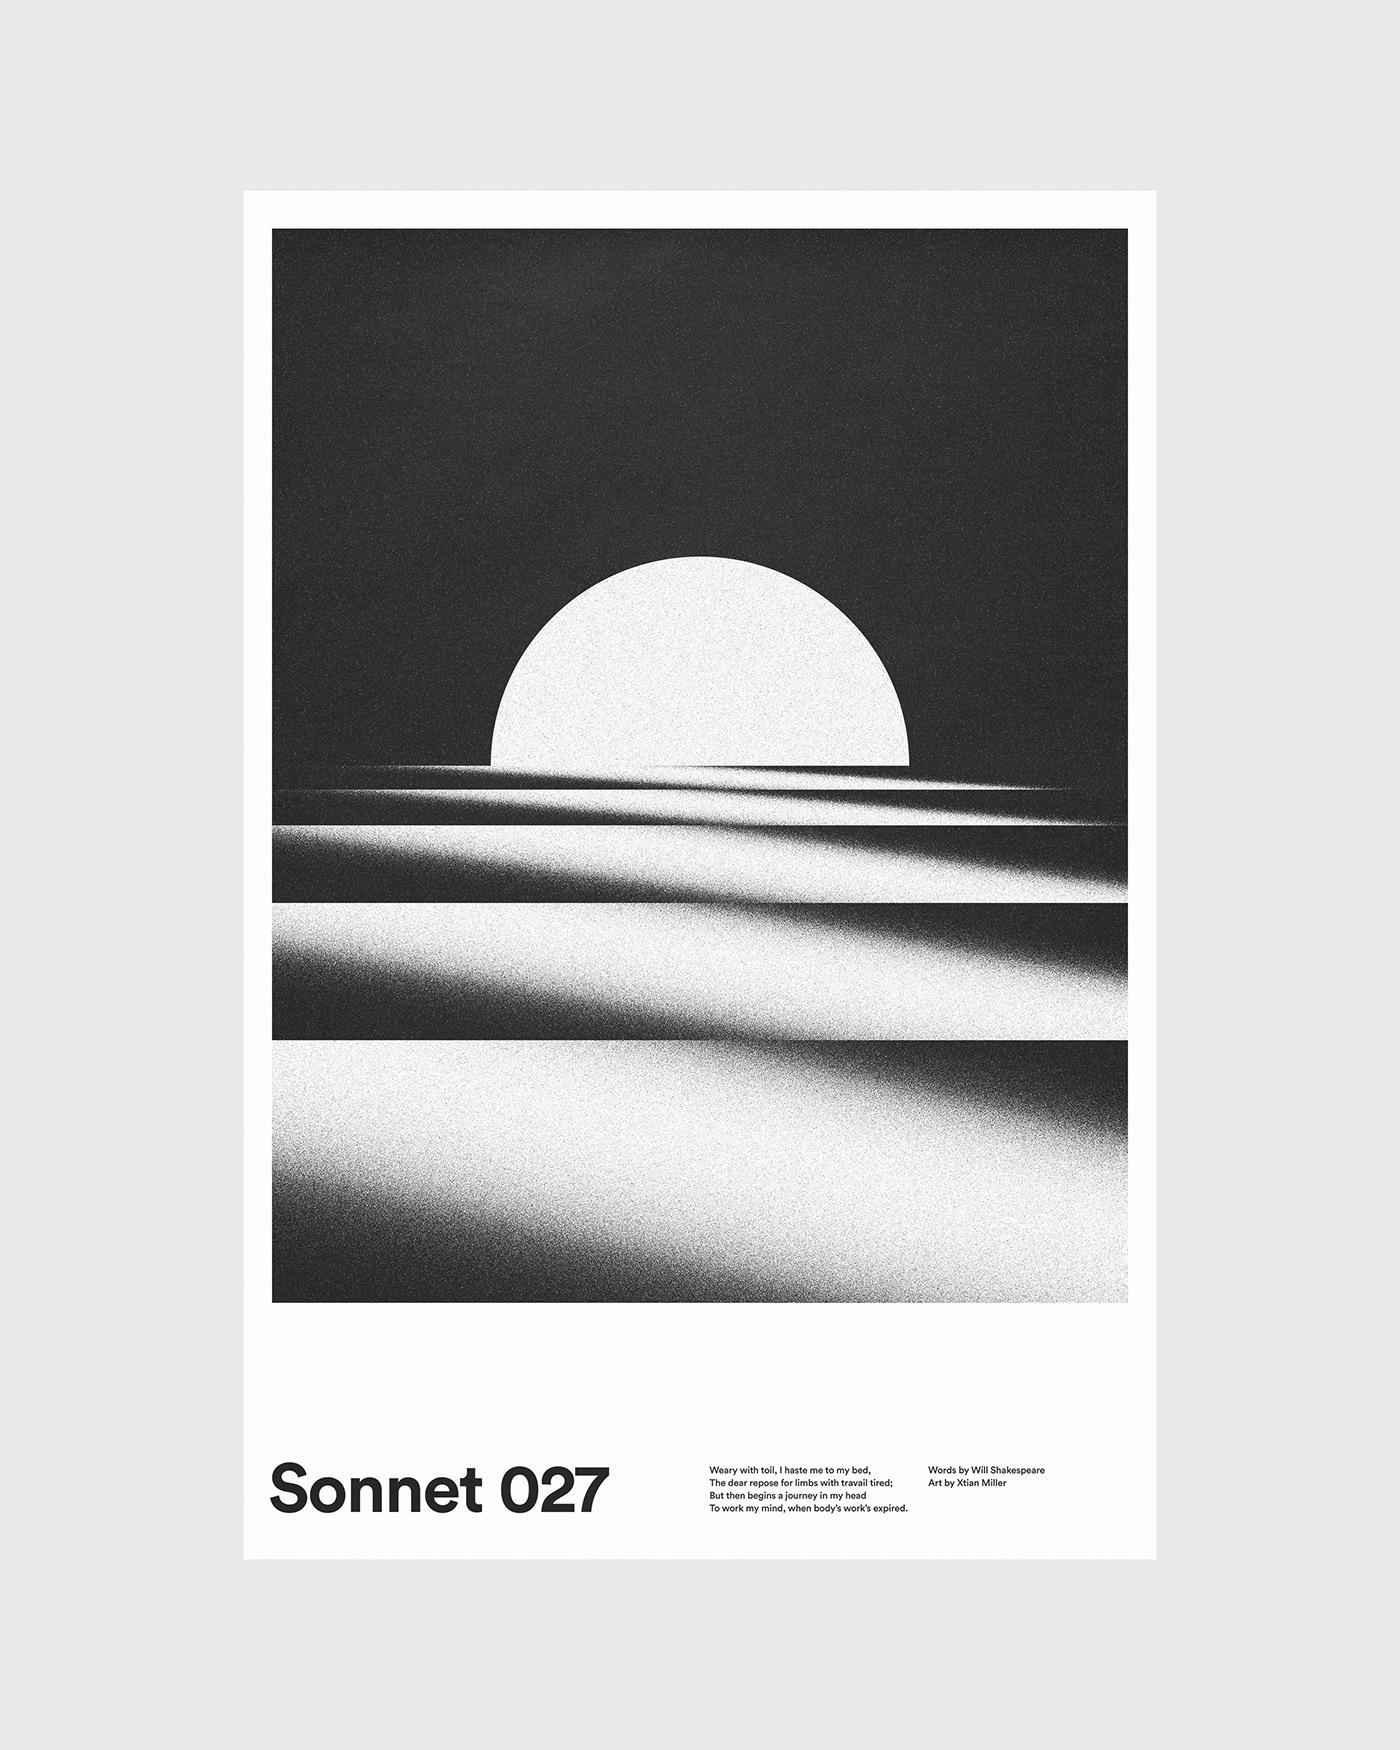 Sonnet 027